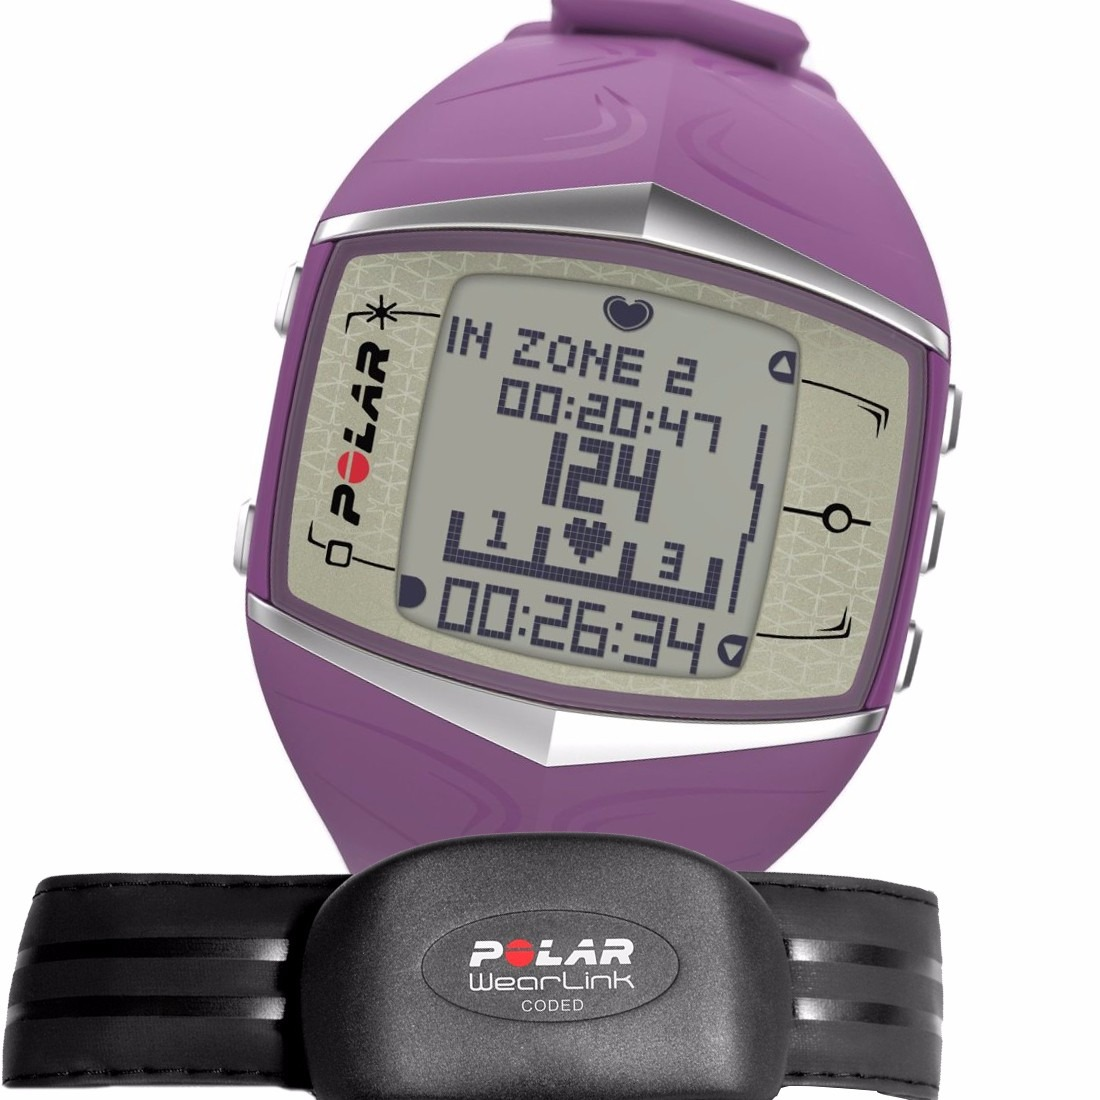 acf3680d44e1 Reloj Polar Ft60f Mujer Graficos 99 Memorias Agente Oficial ...